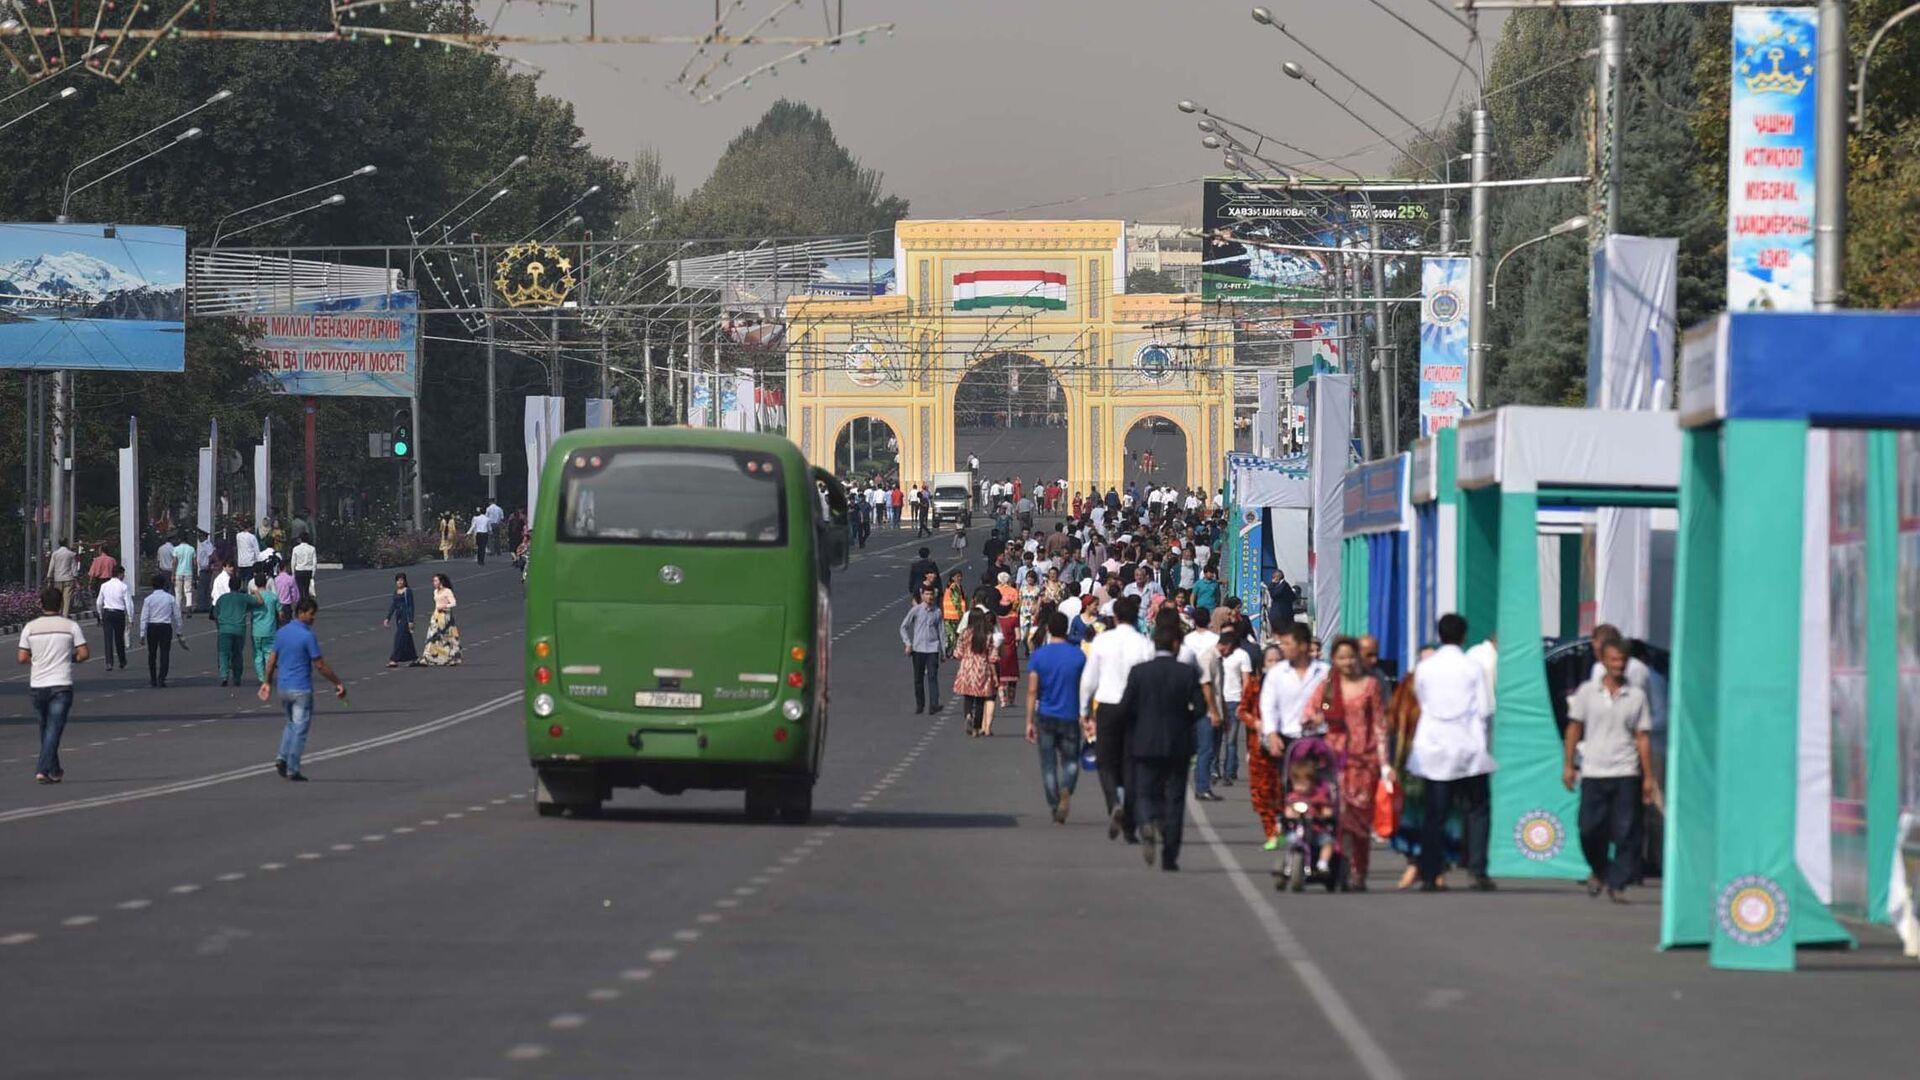 Празднование Дня Независимости в Душанбе - Sputnik Таджикистан, 1920, 06.09.2021